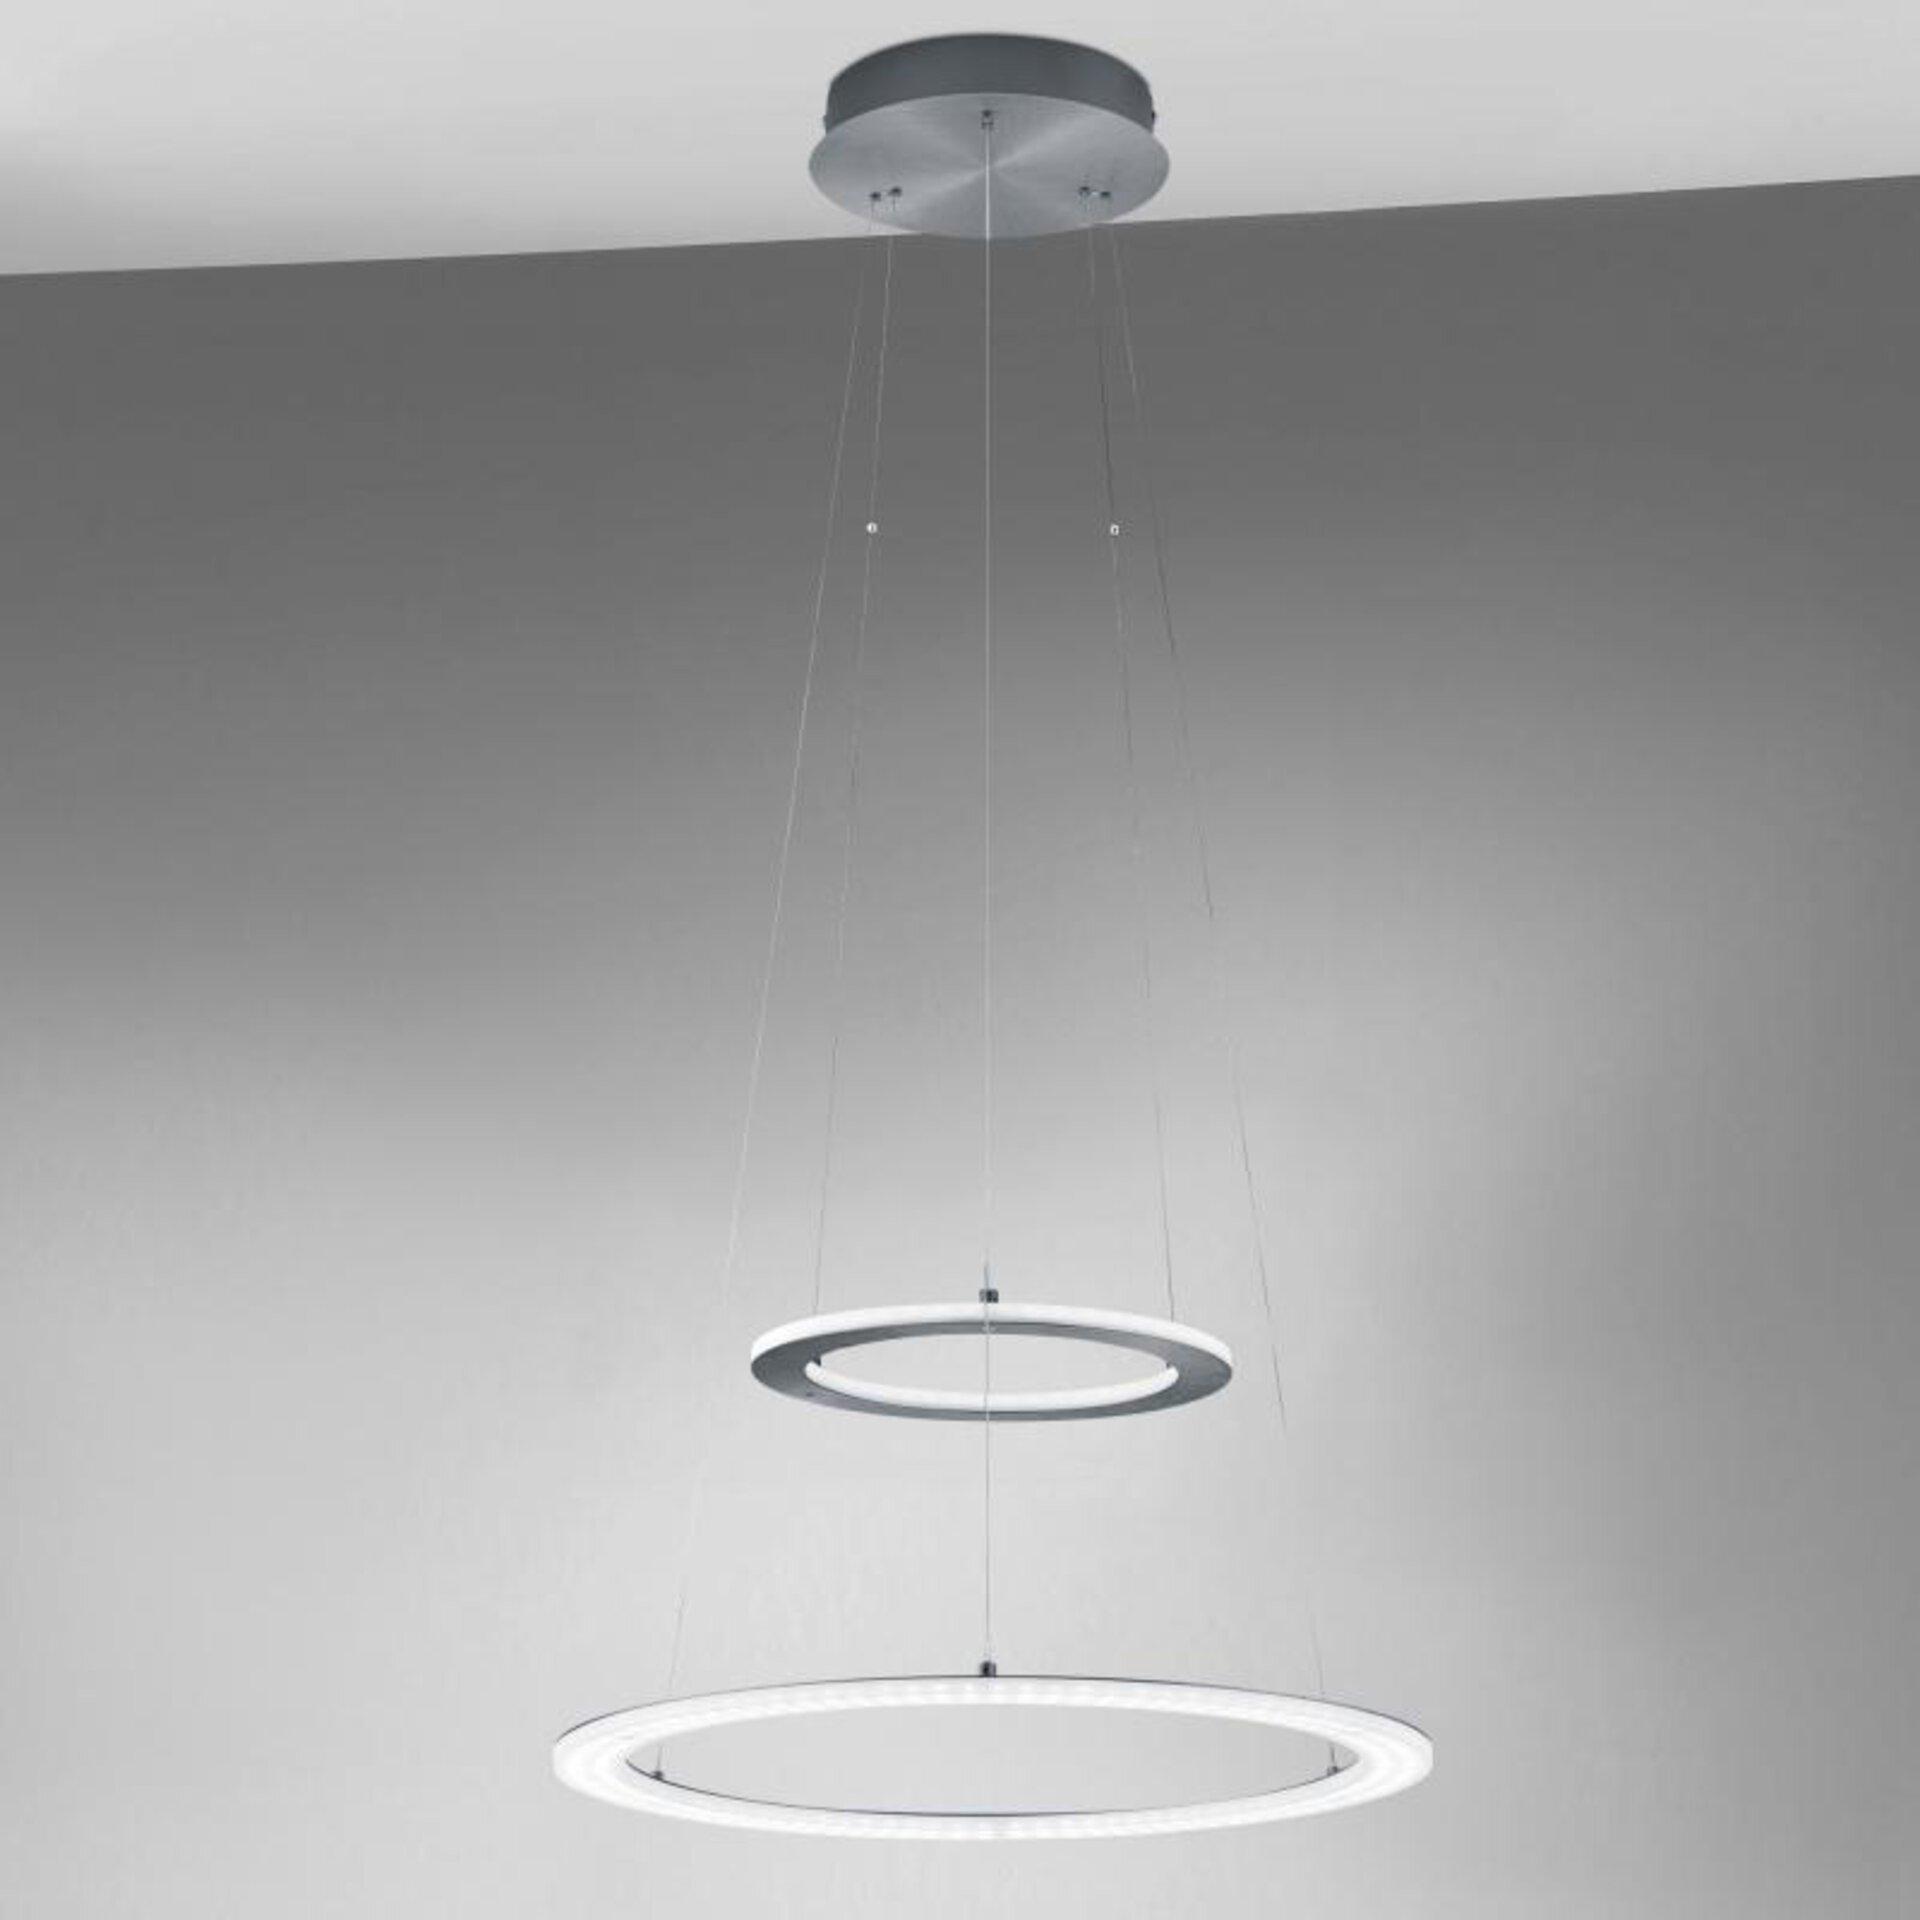 Hängeleuchte Mica B-Leuchten Metall grau 50 x 130 x 50 cm